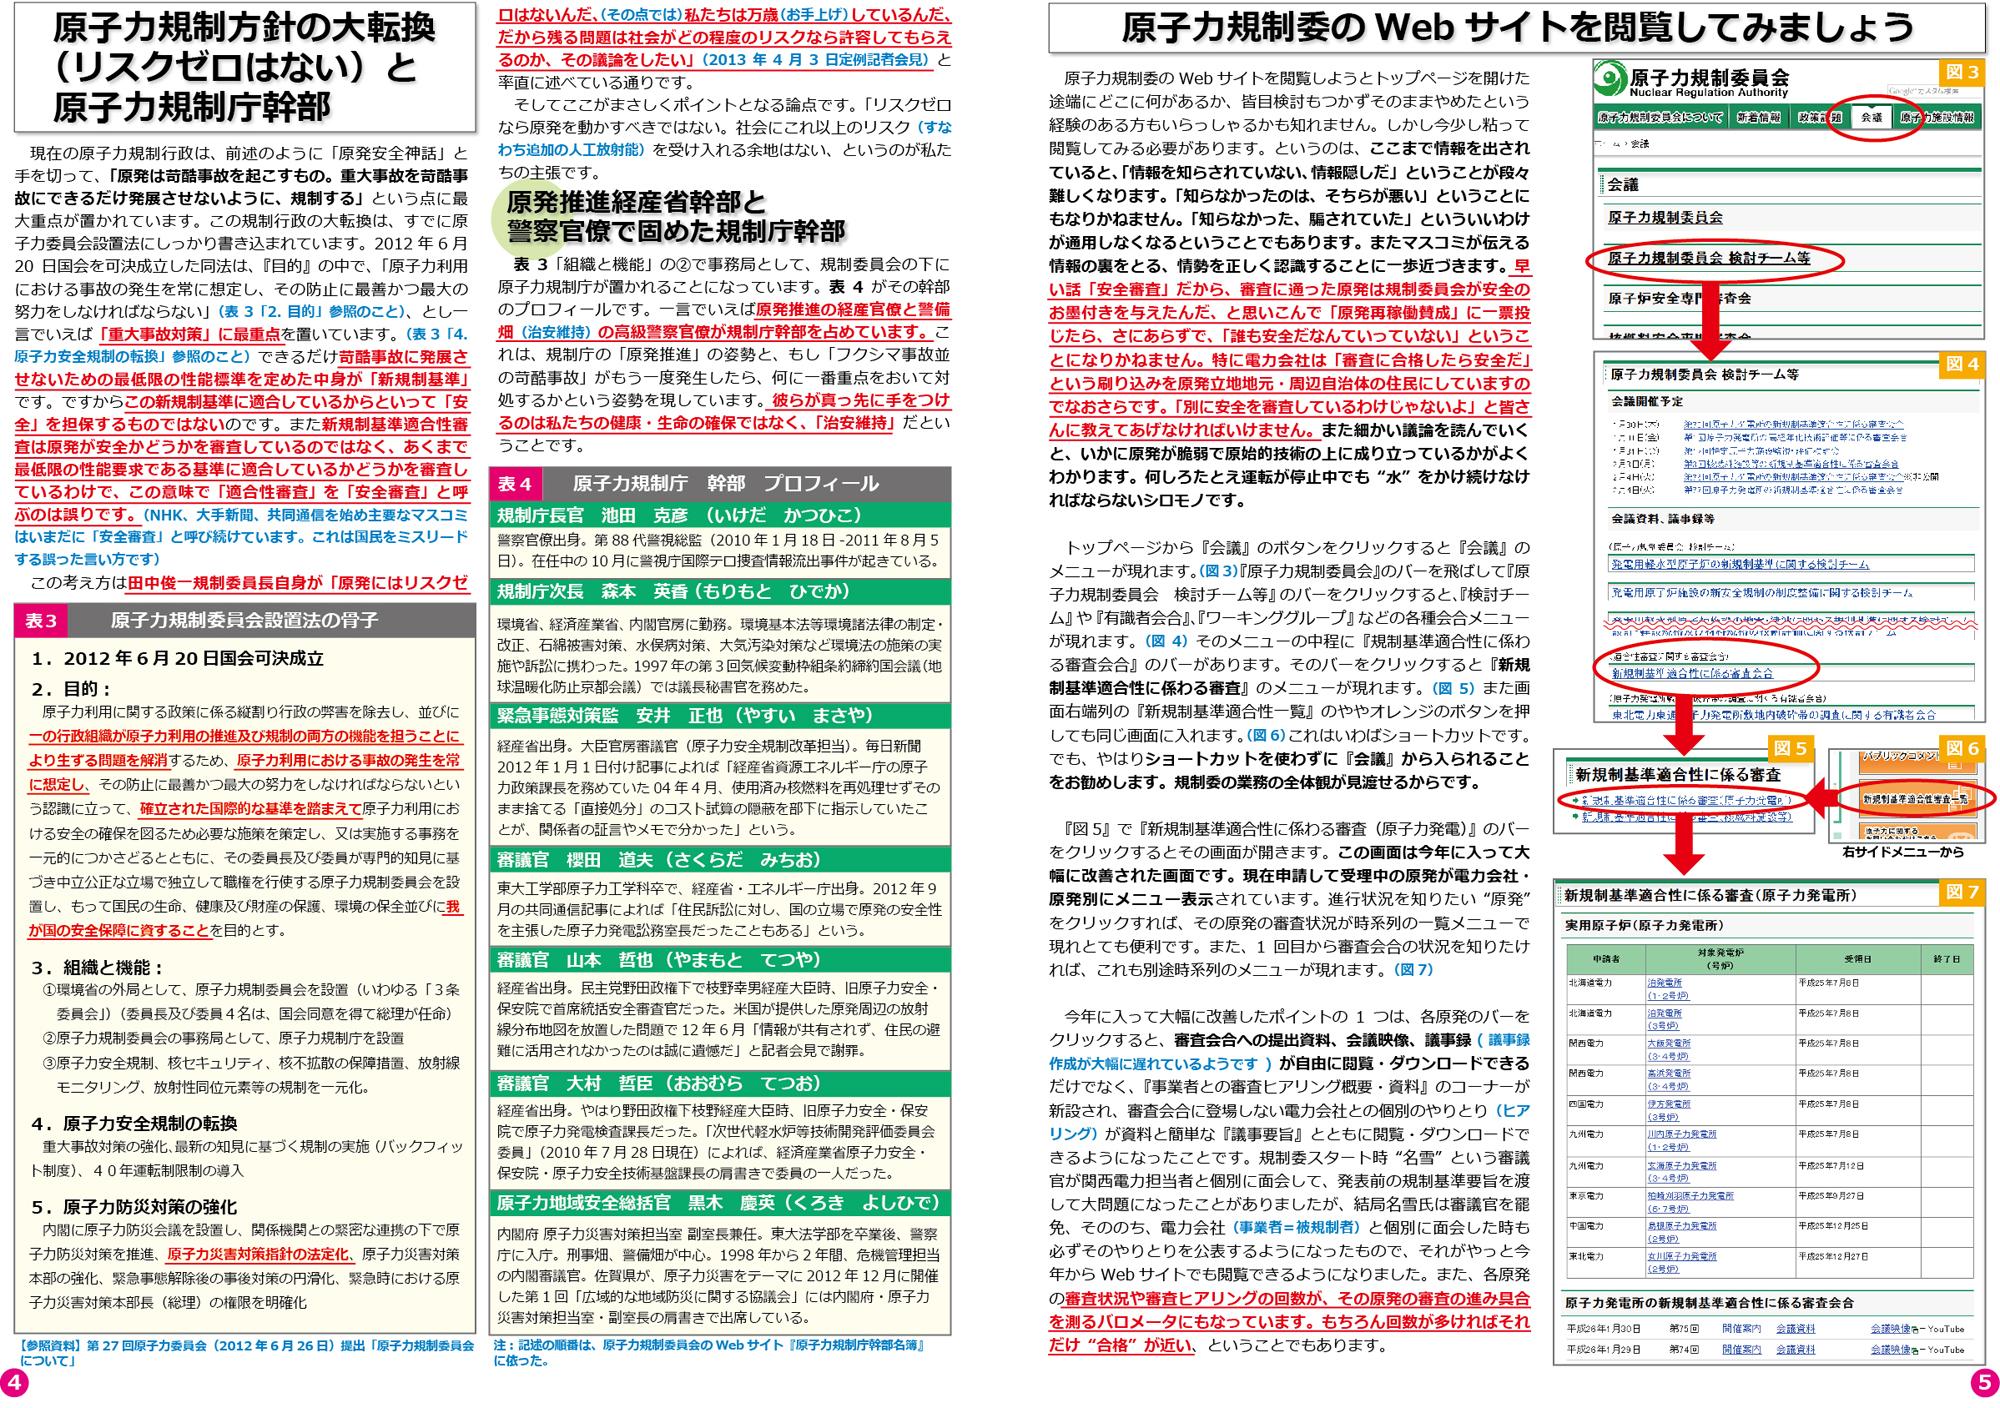 ファイル 257-3.jpg